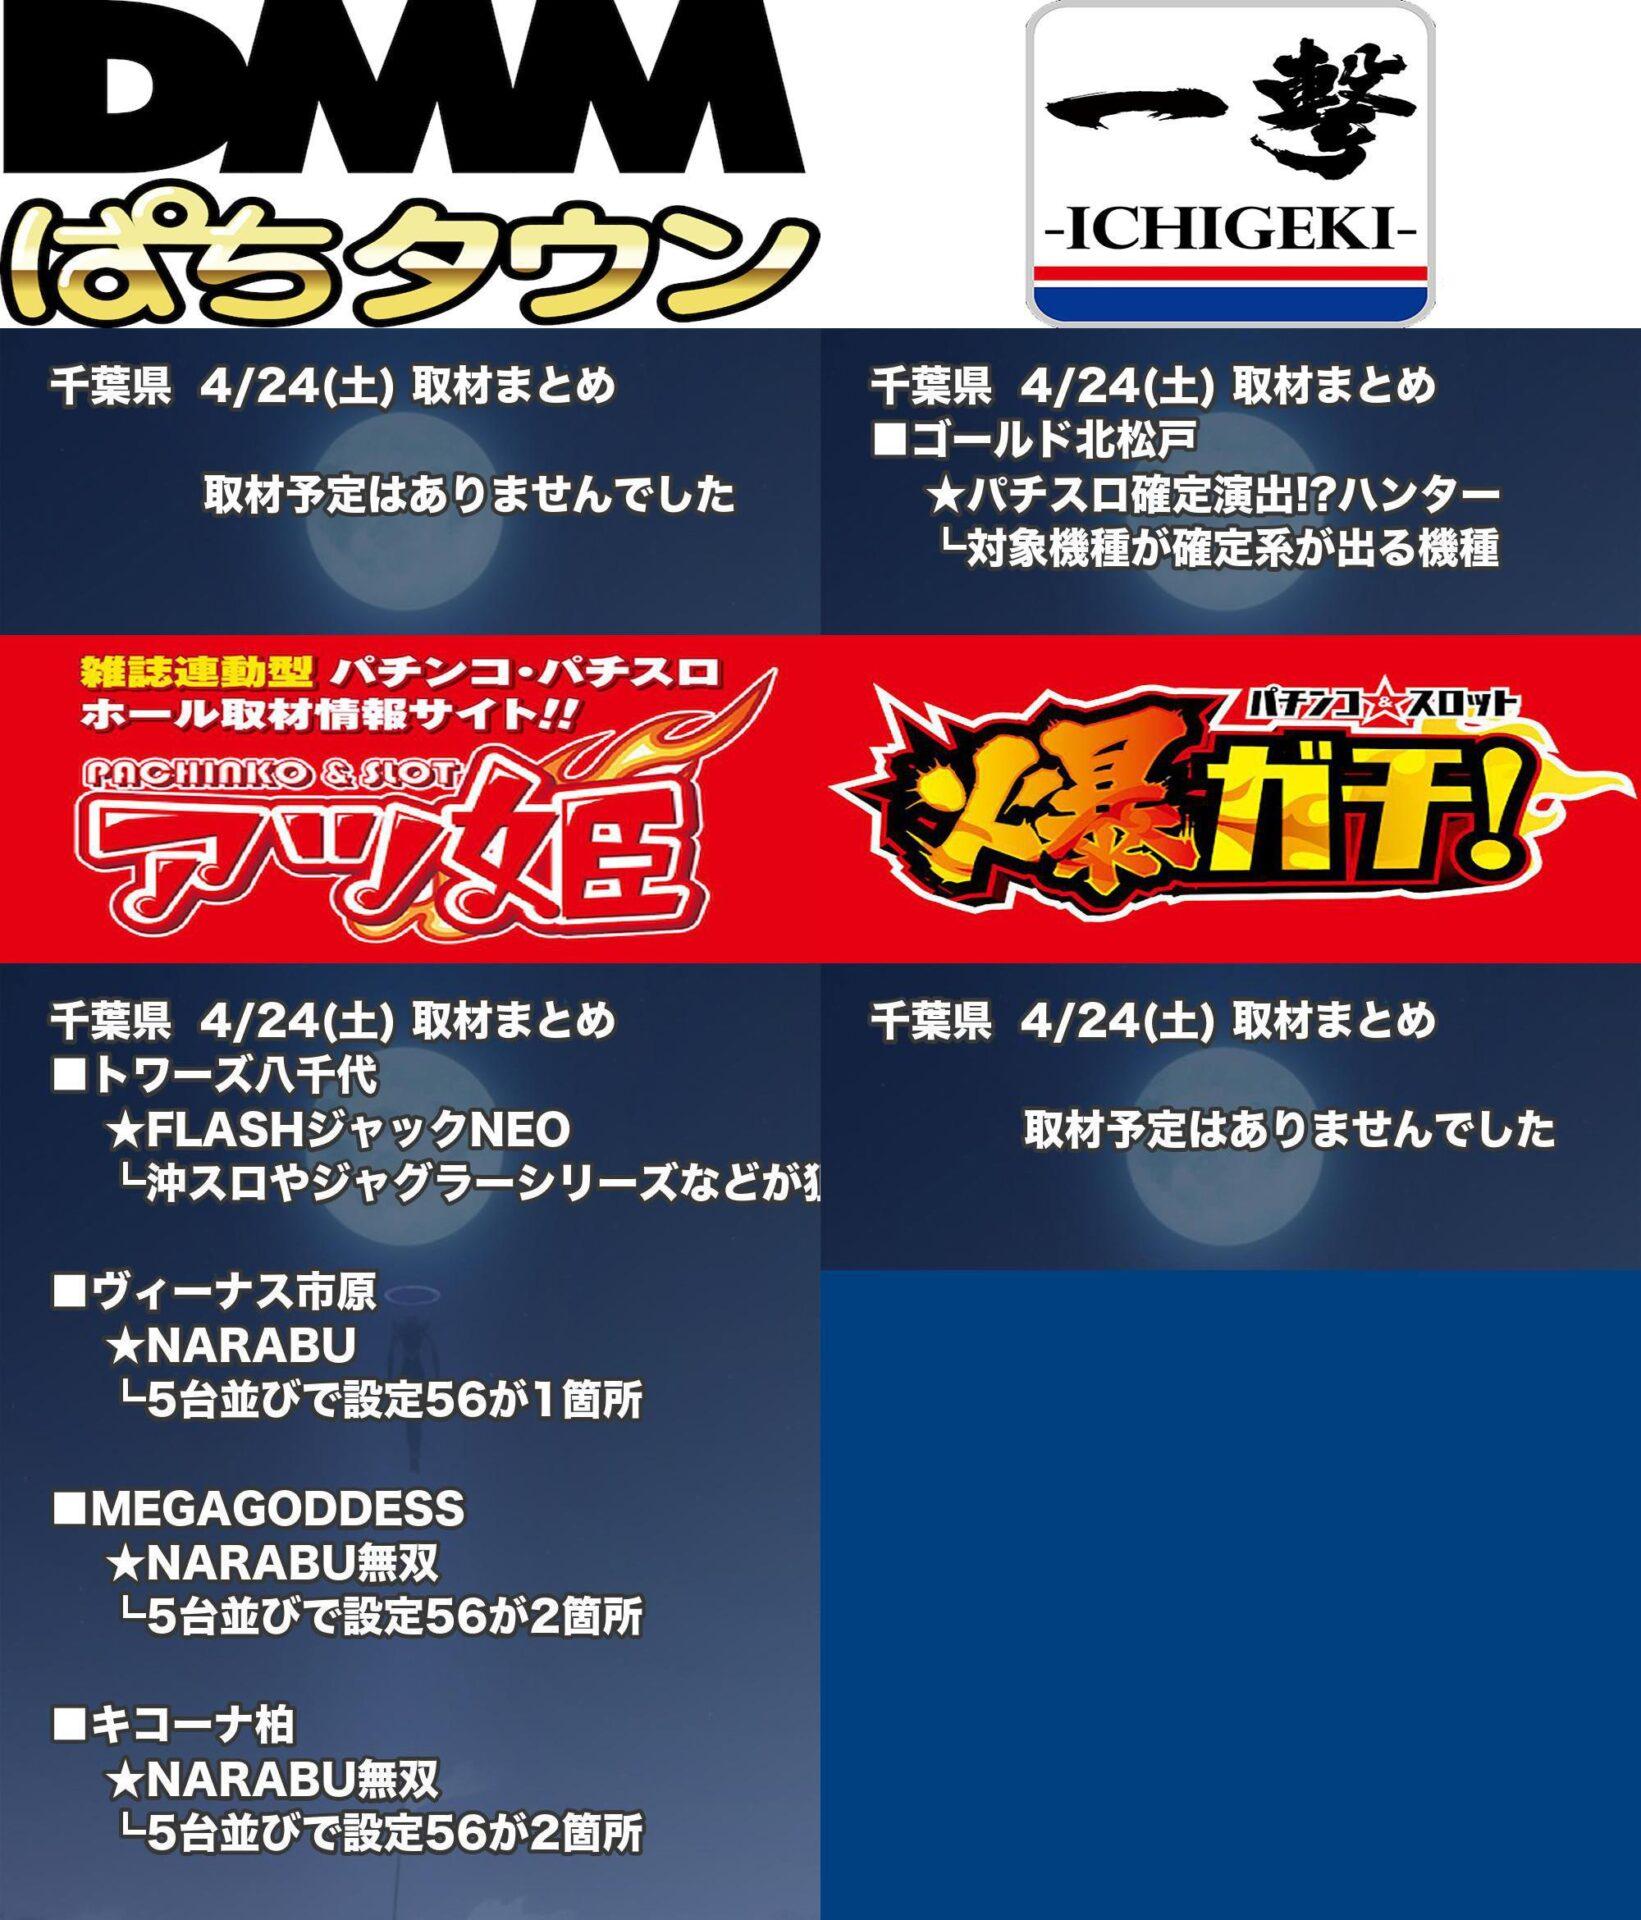 千葉県_2021-04-24_パチンコ・パチスロ